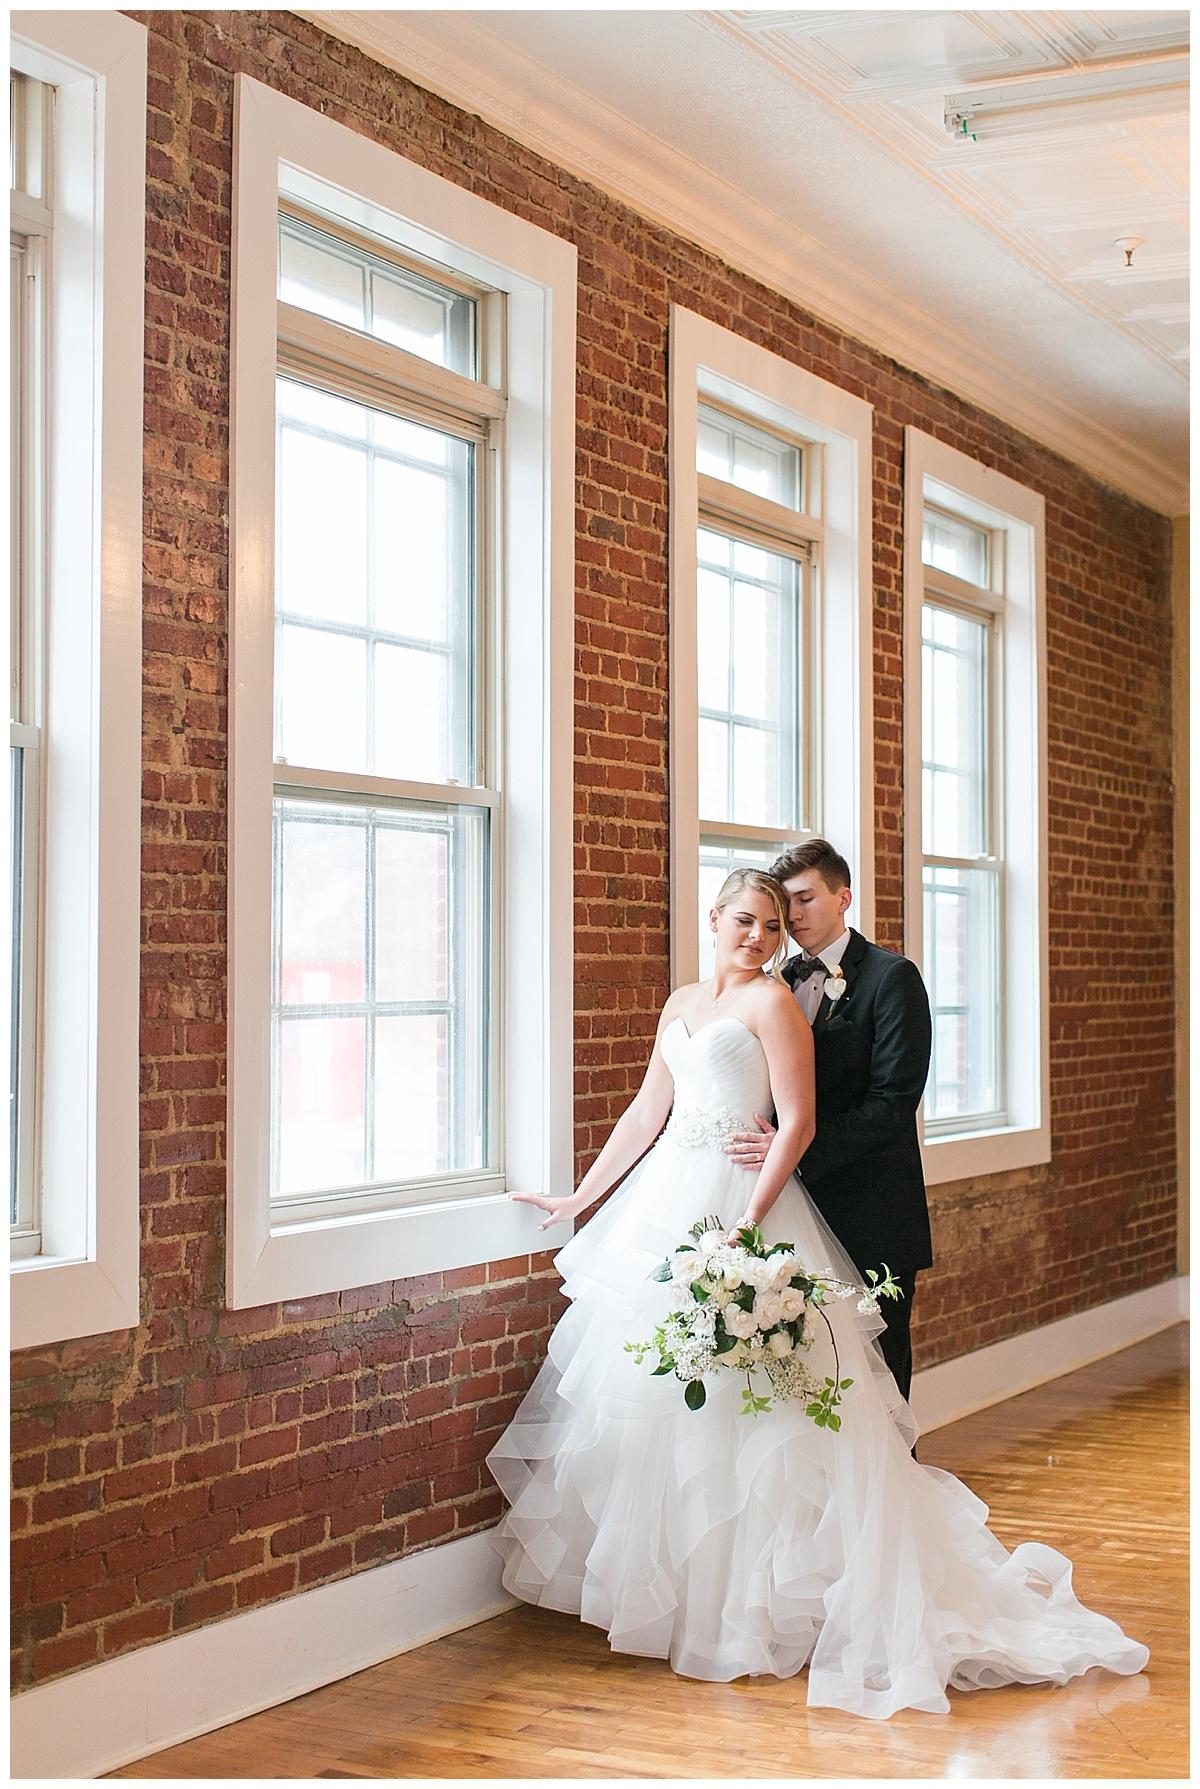 Scott's_Downtown_Monroe_Ga_Wedding_Photograpehrs_0020.jpg